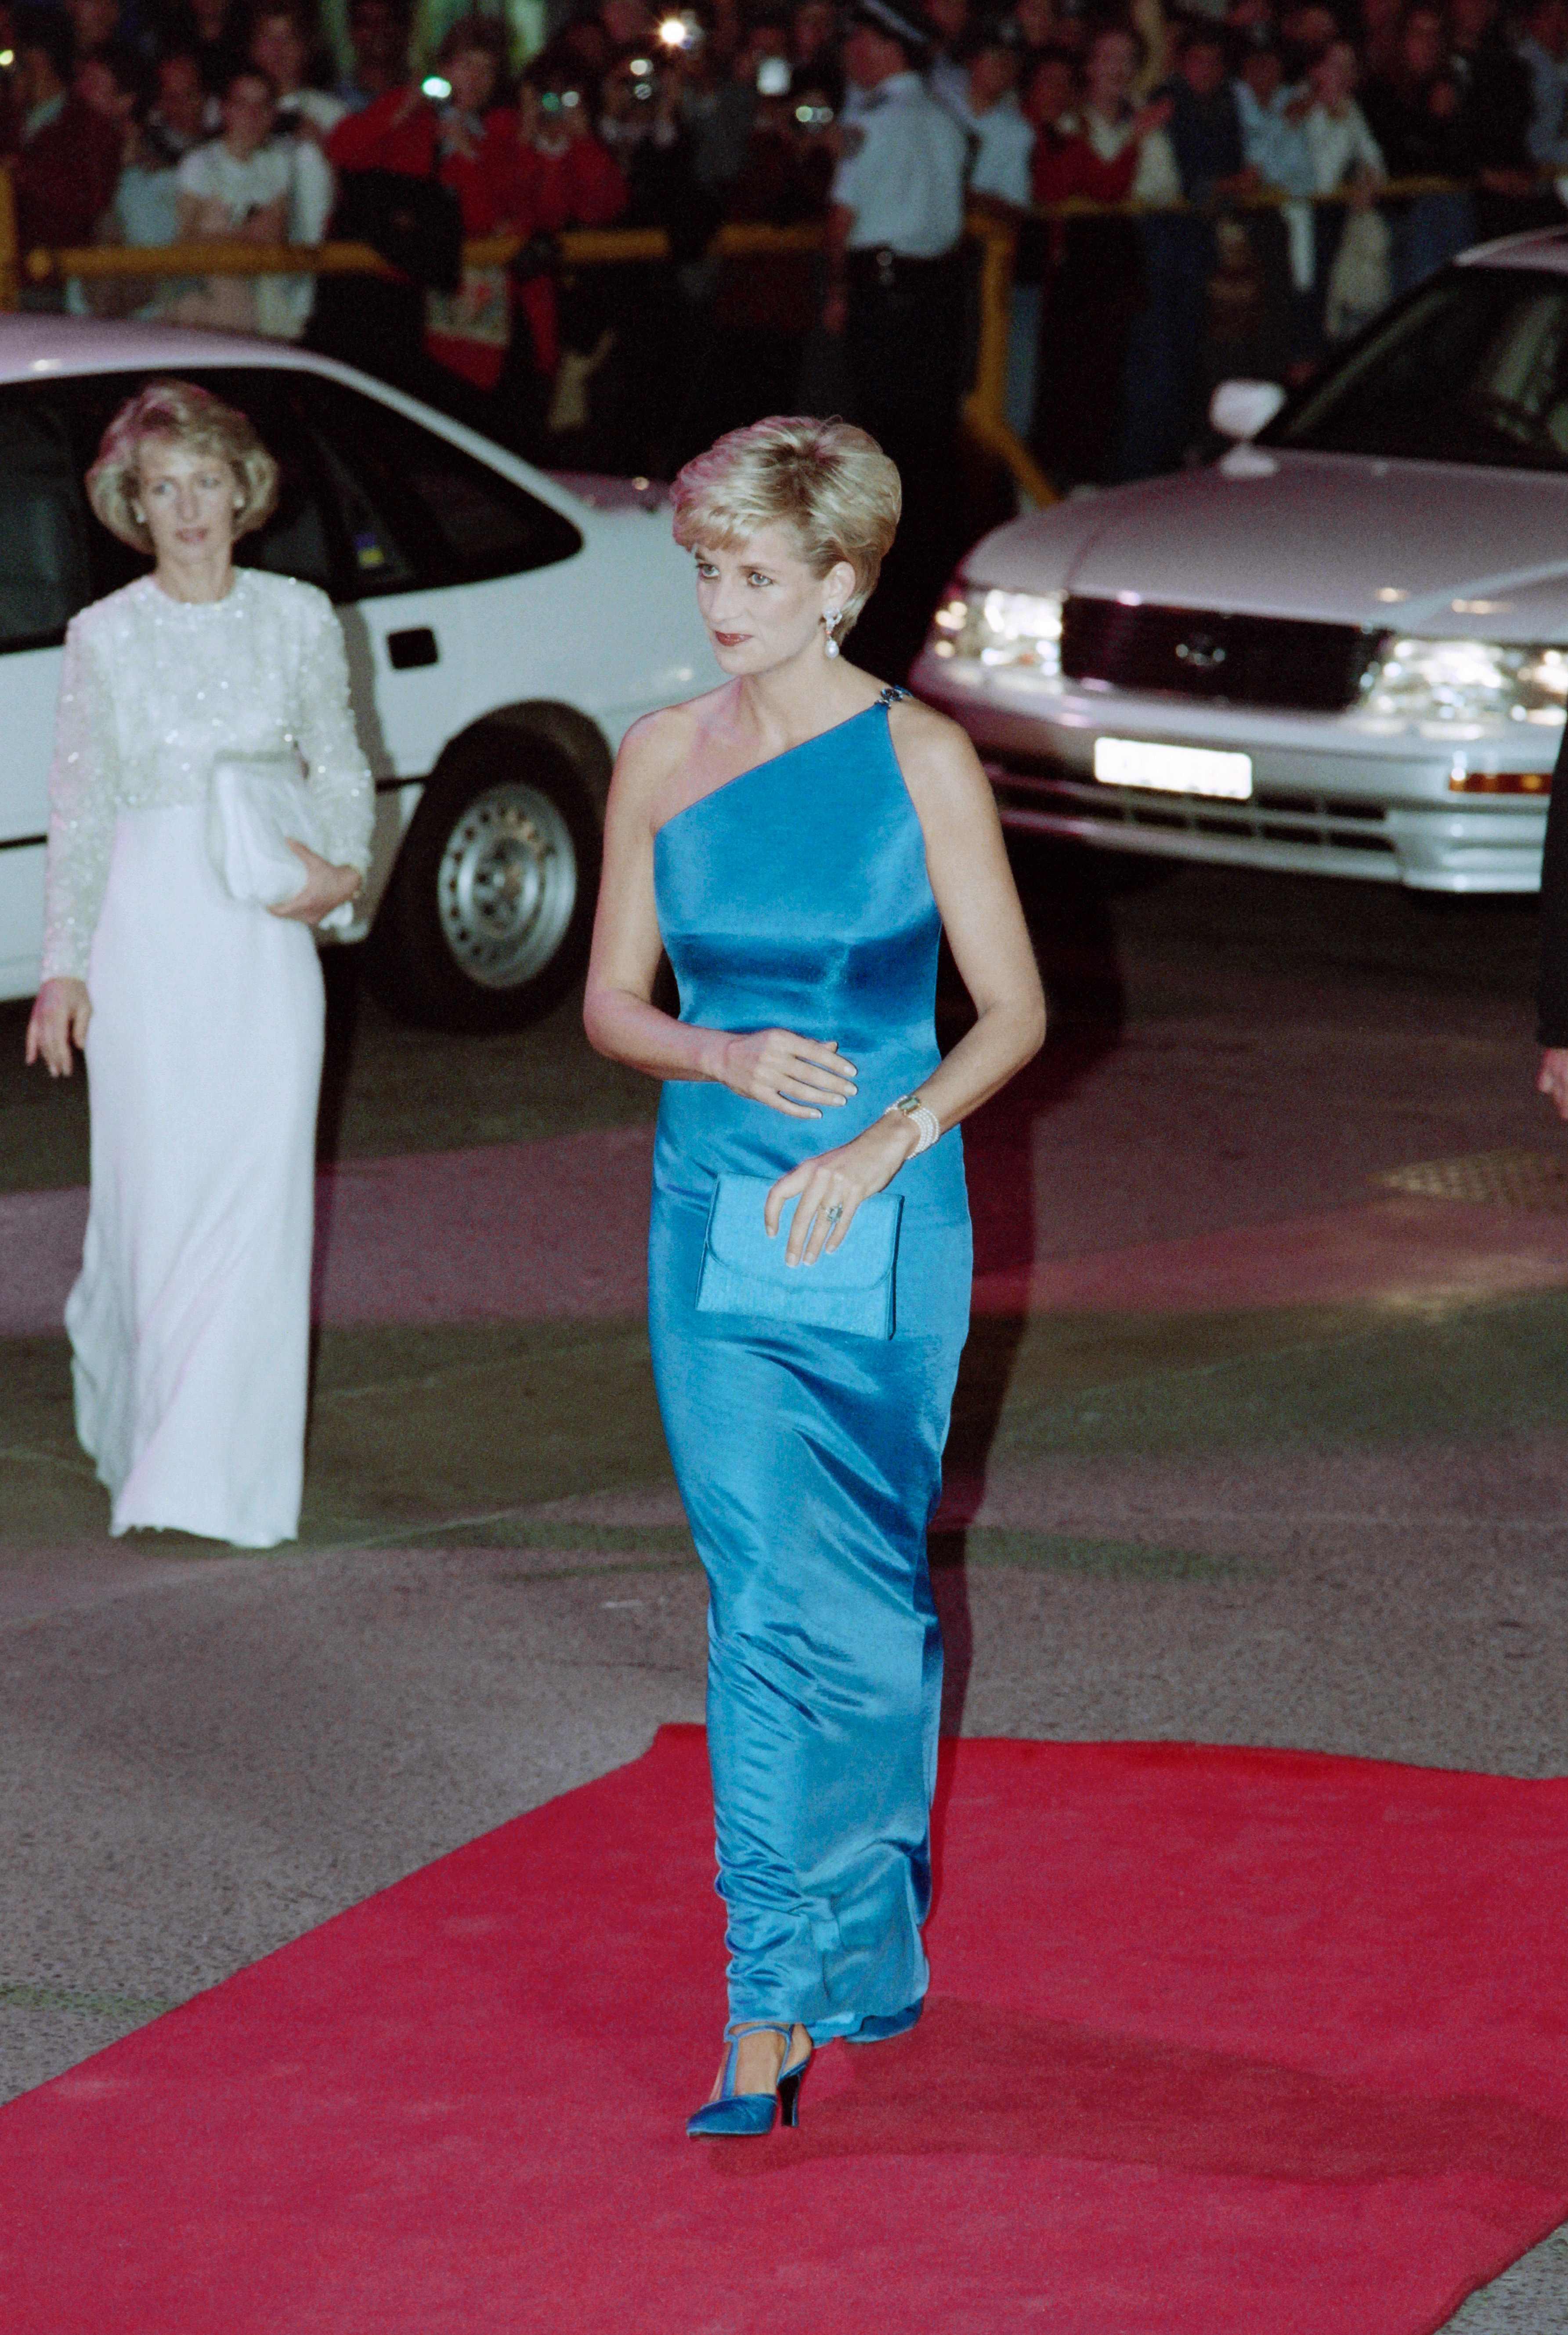 ديانا تزور معهد أبحاث القلب في أستراليا عام 1996